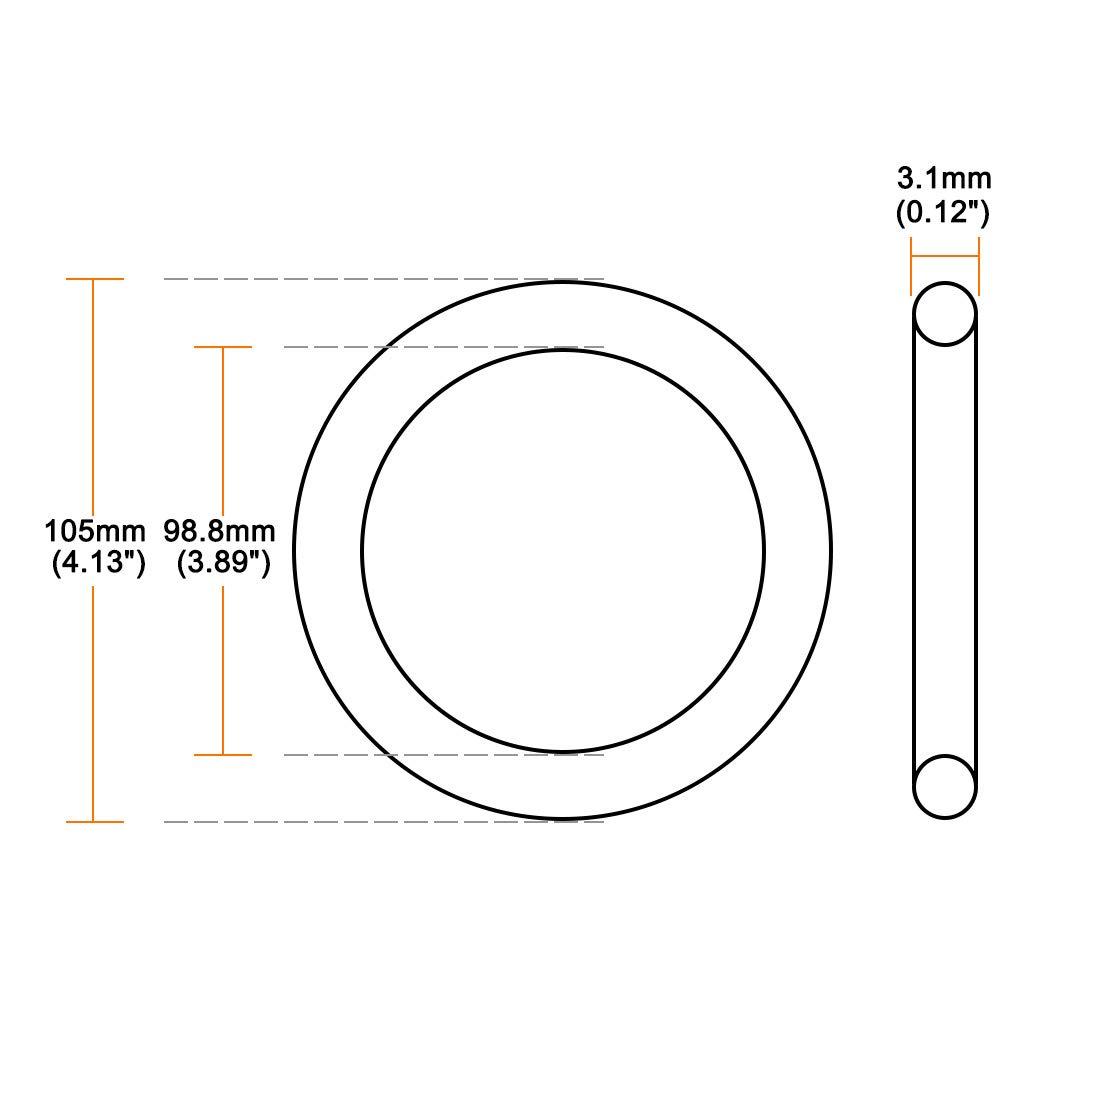 sourcing map Joint torique en caoutchouc nitrile 98.8mm x 105mm x 3.1mm Joint d/étanch/éit/é 10pcs